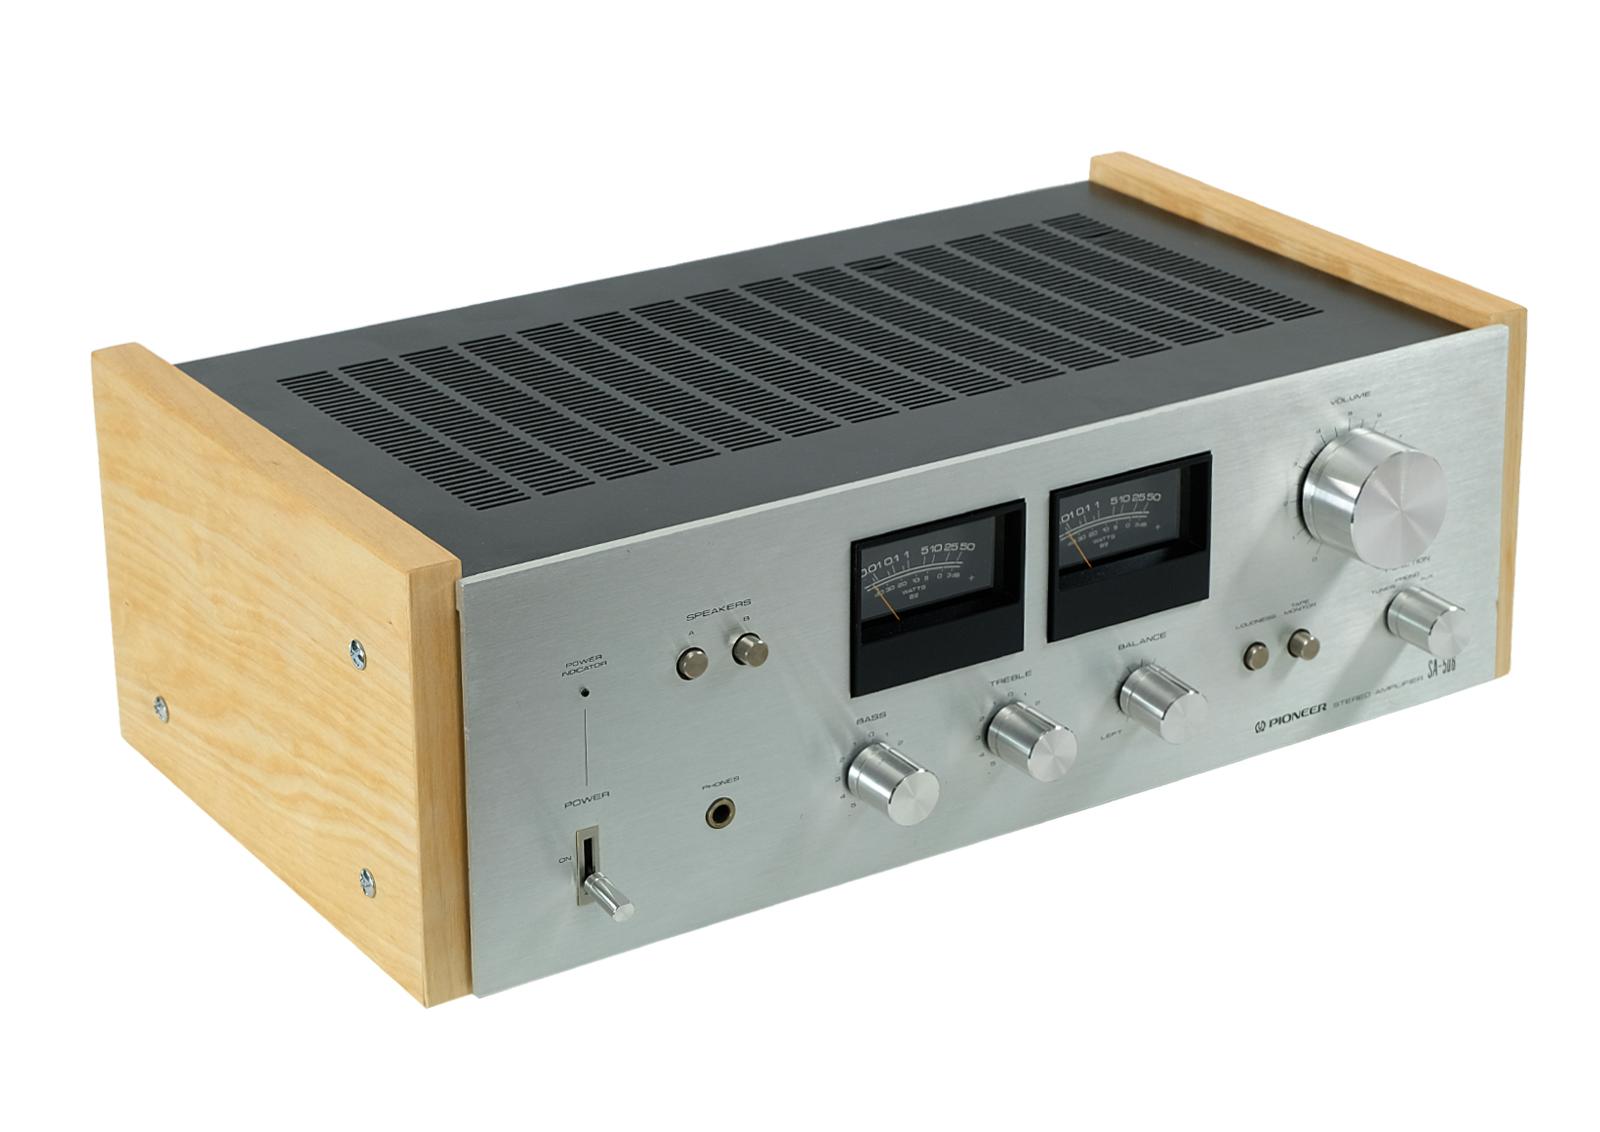 Consejo amplificador vintage 3e7634bc42cb9084185a165afe2c